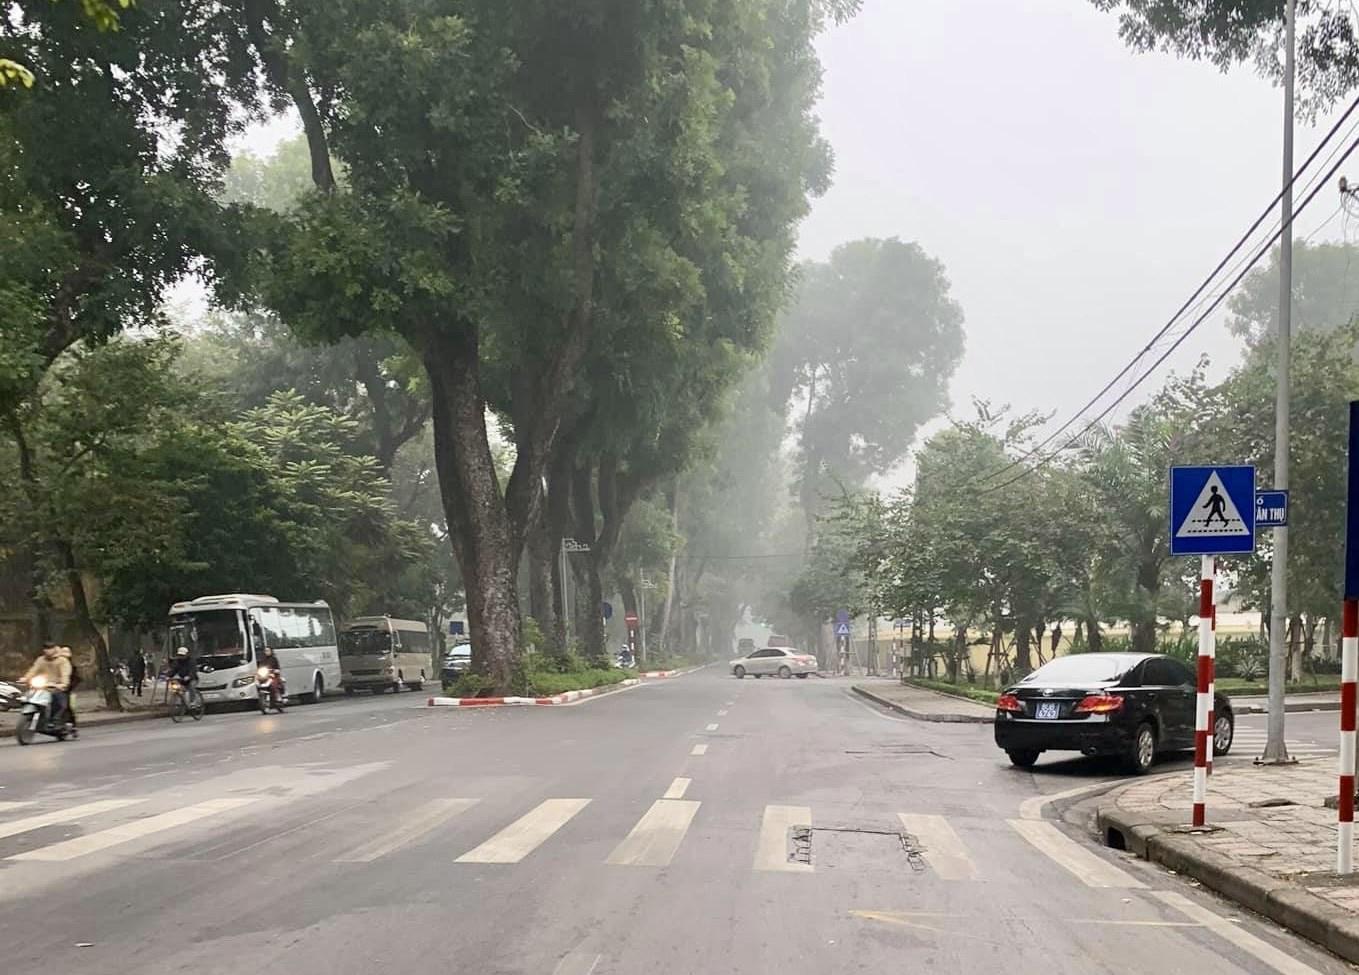 Thủ đô Hà Nội nhiều mây, đêm và sáng có mưa nhỏ ( Ảnh Băng Ngân)